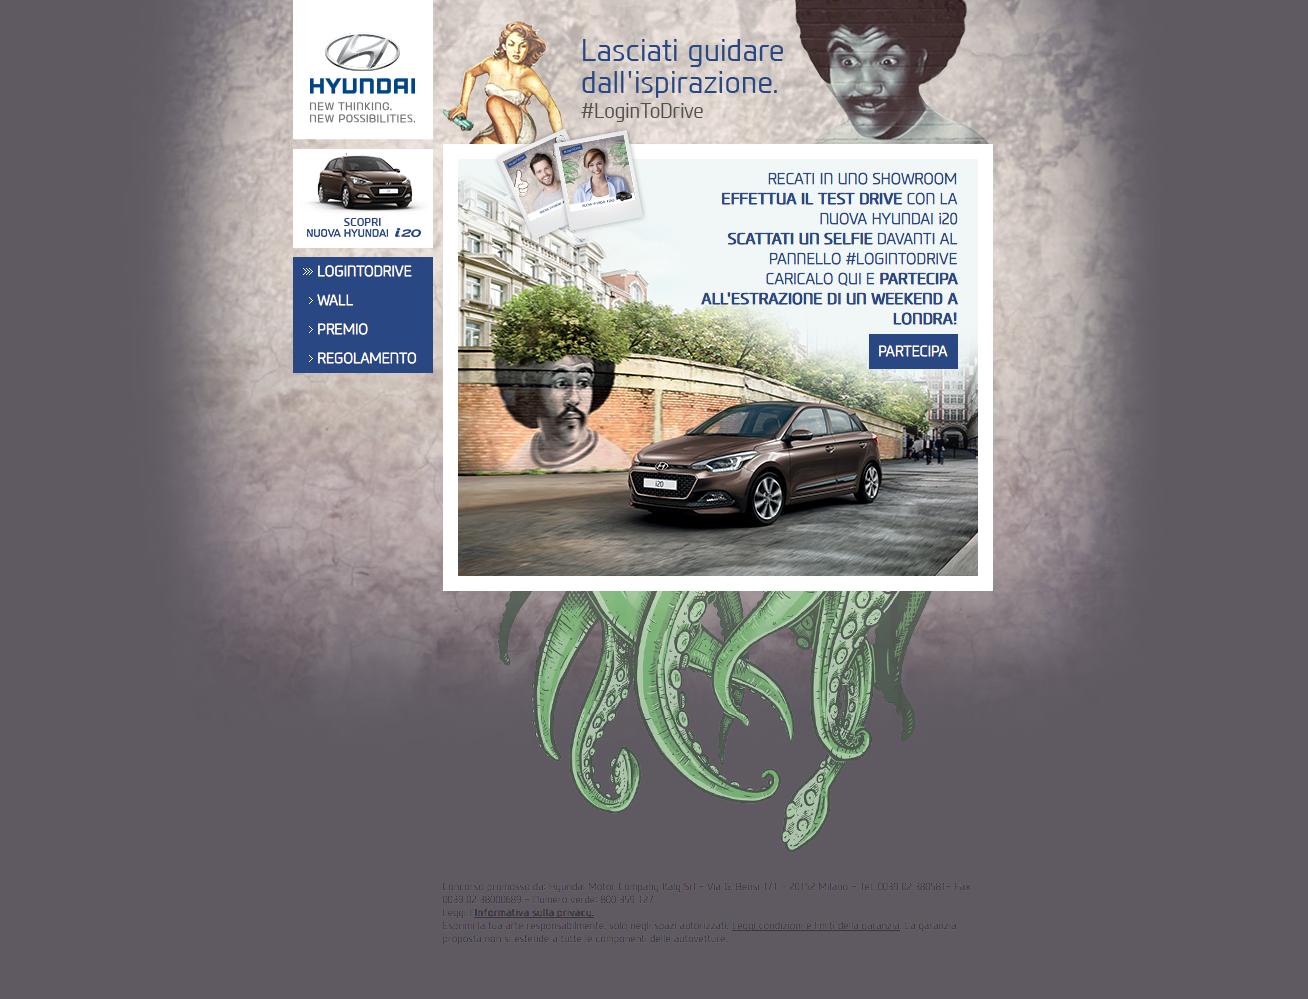 Hyundai #LoginToDrive e porte aperte Nuova i20